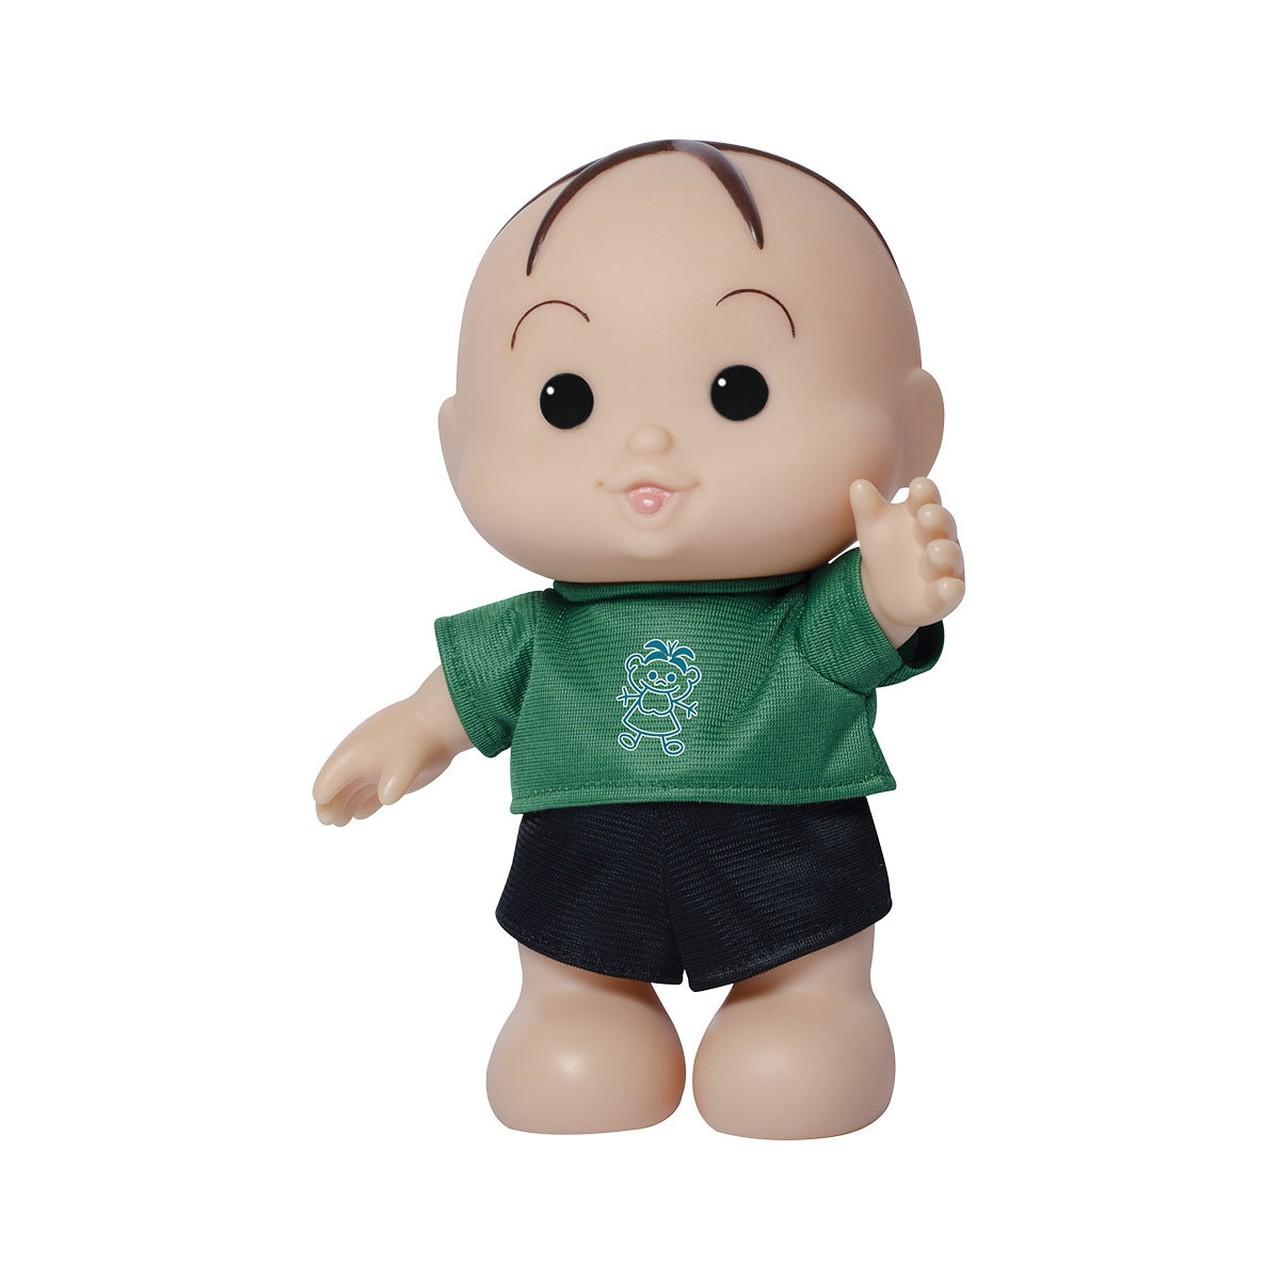 Boneco Turma da Mônica Iti Malia Cebolinha 24 cm Baby Brink